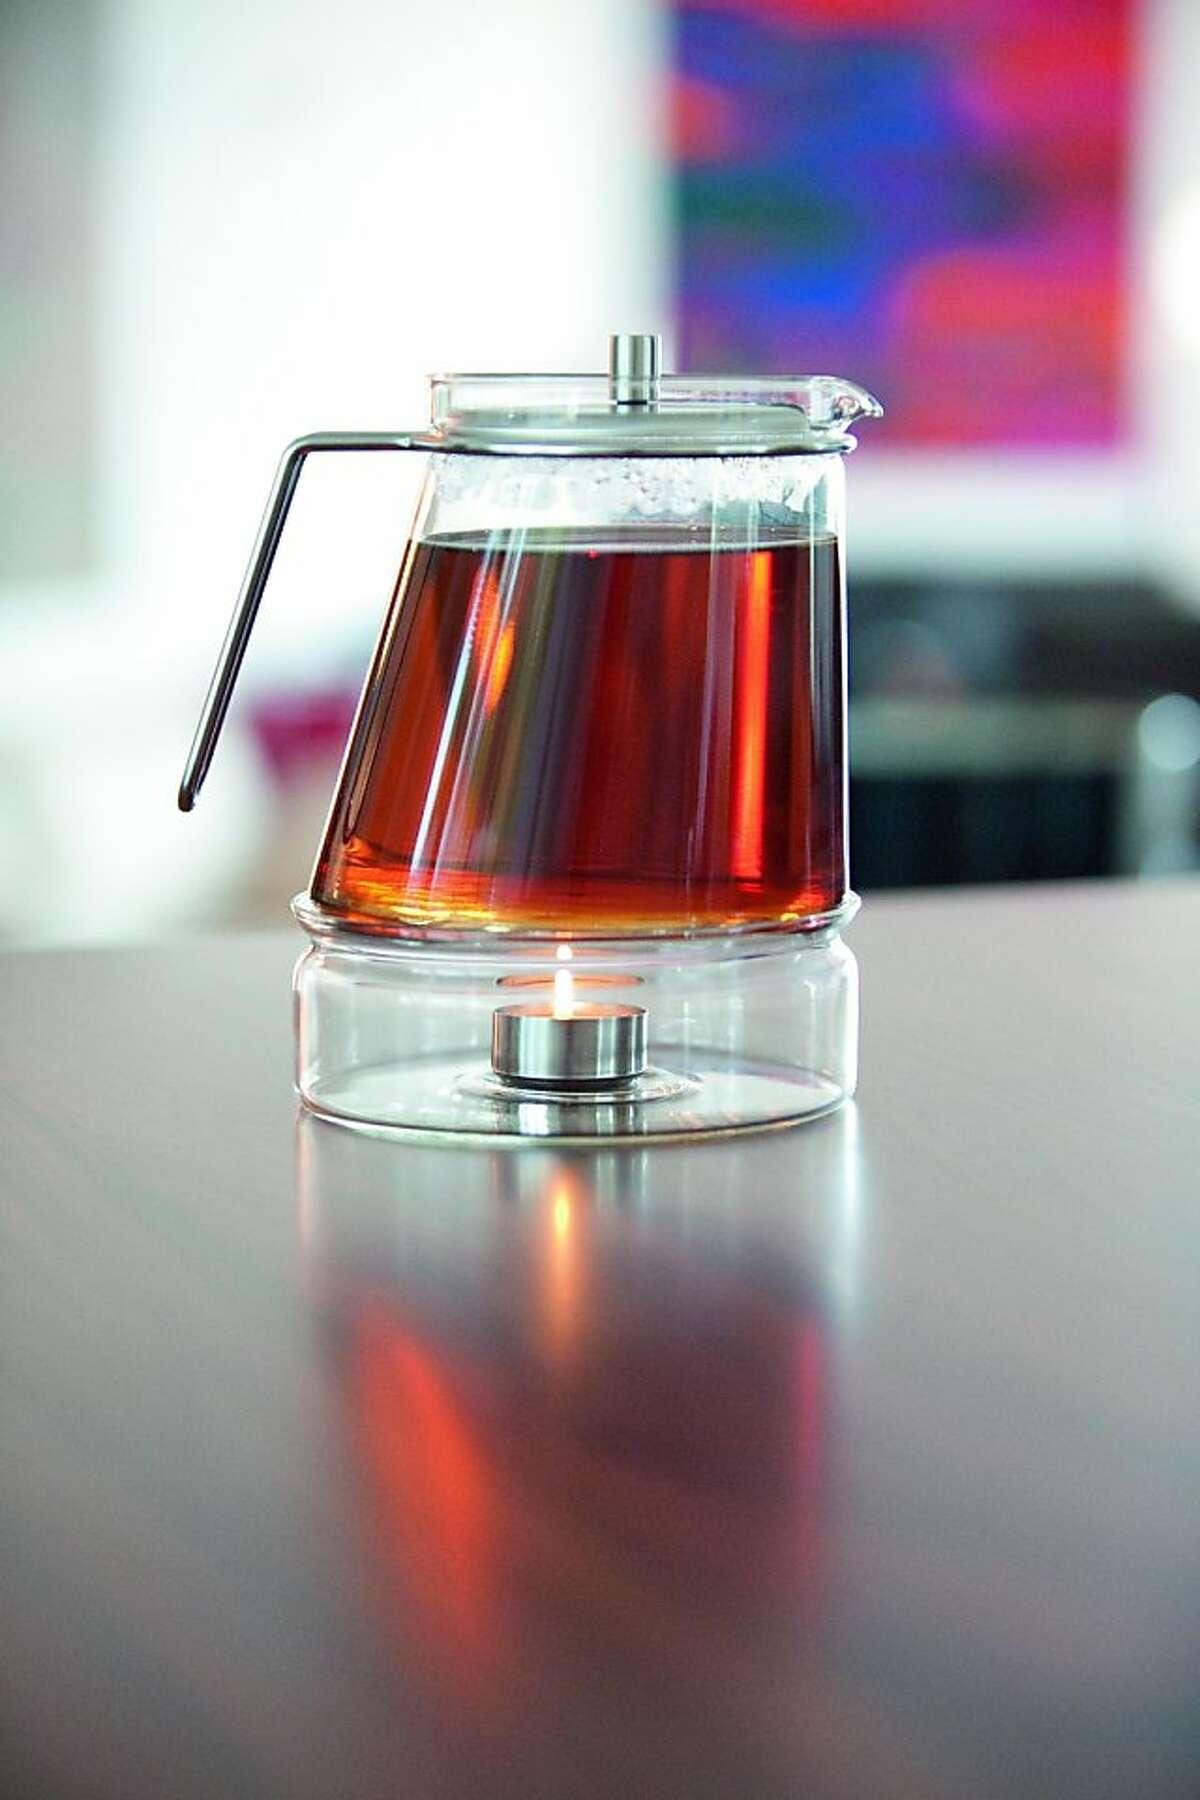 Mono-Elipse, designed by Tassilo von Grolmann with the glass producer, Schott.